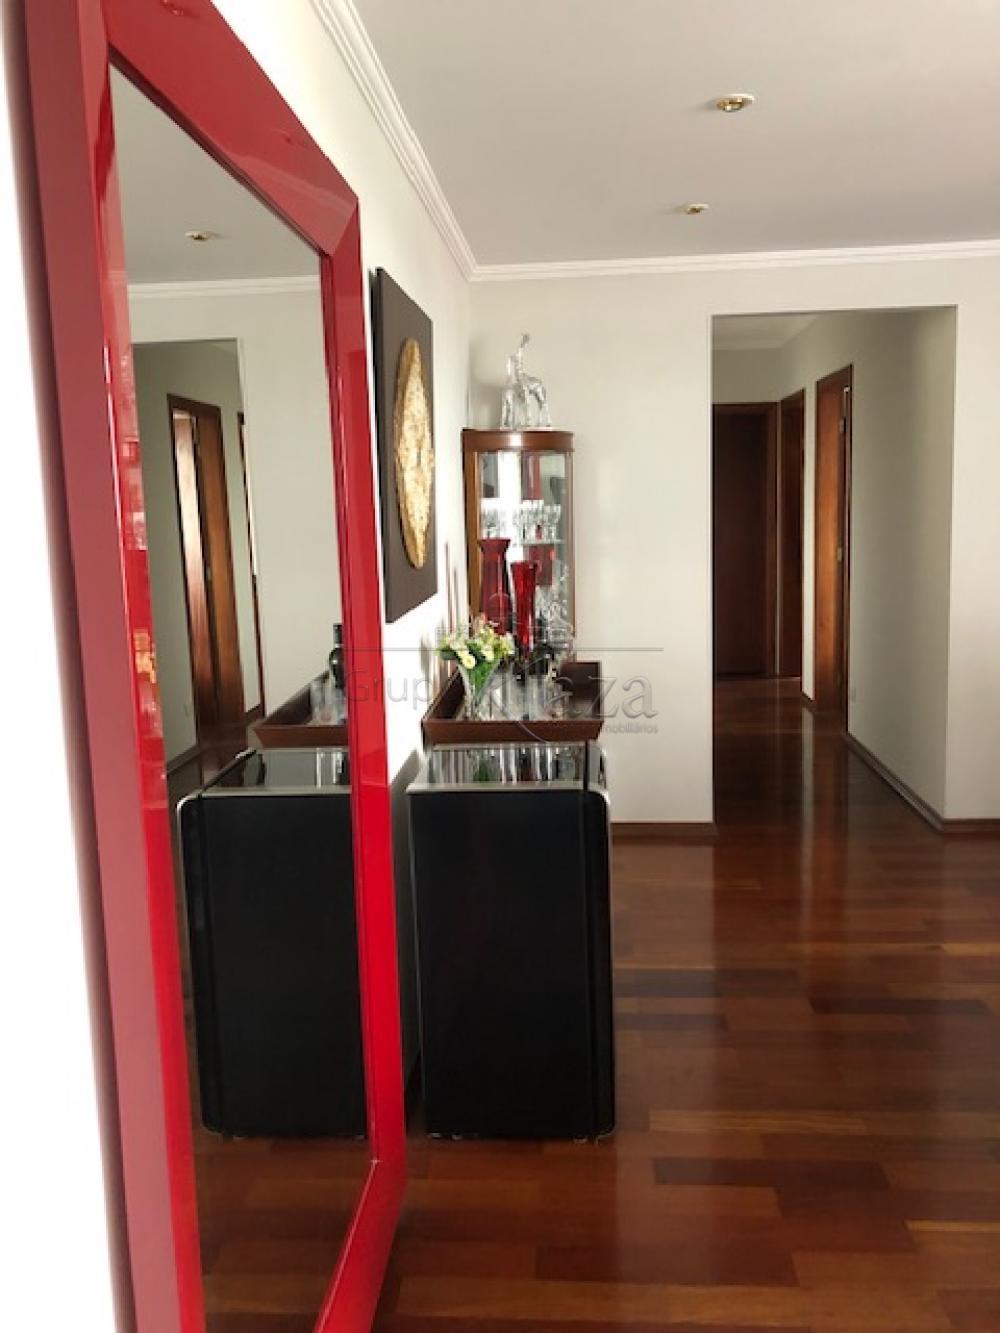 Comprar Apartamento / Padrão em São José dos Campos apenas R$ 435.000,00 - Foto 25